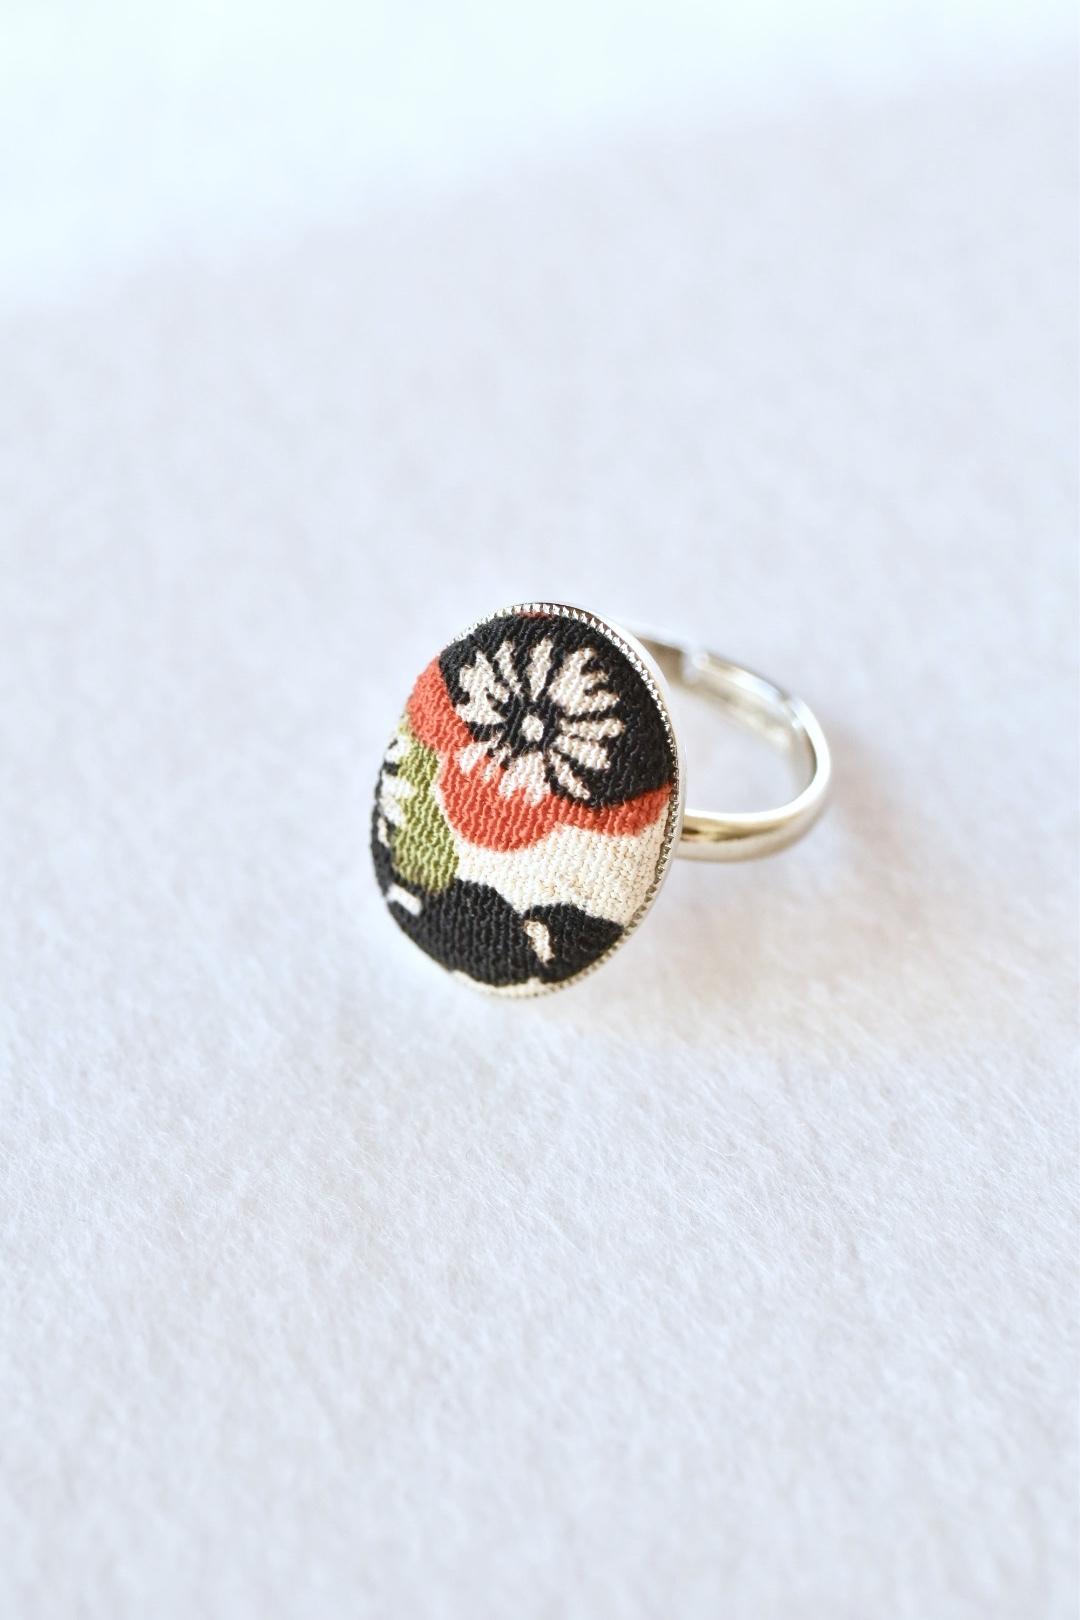 梅模様のリング 白黒赤緑